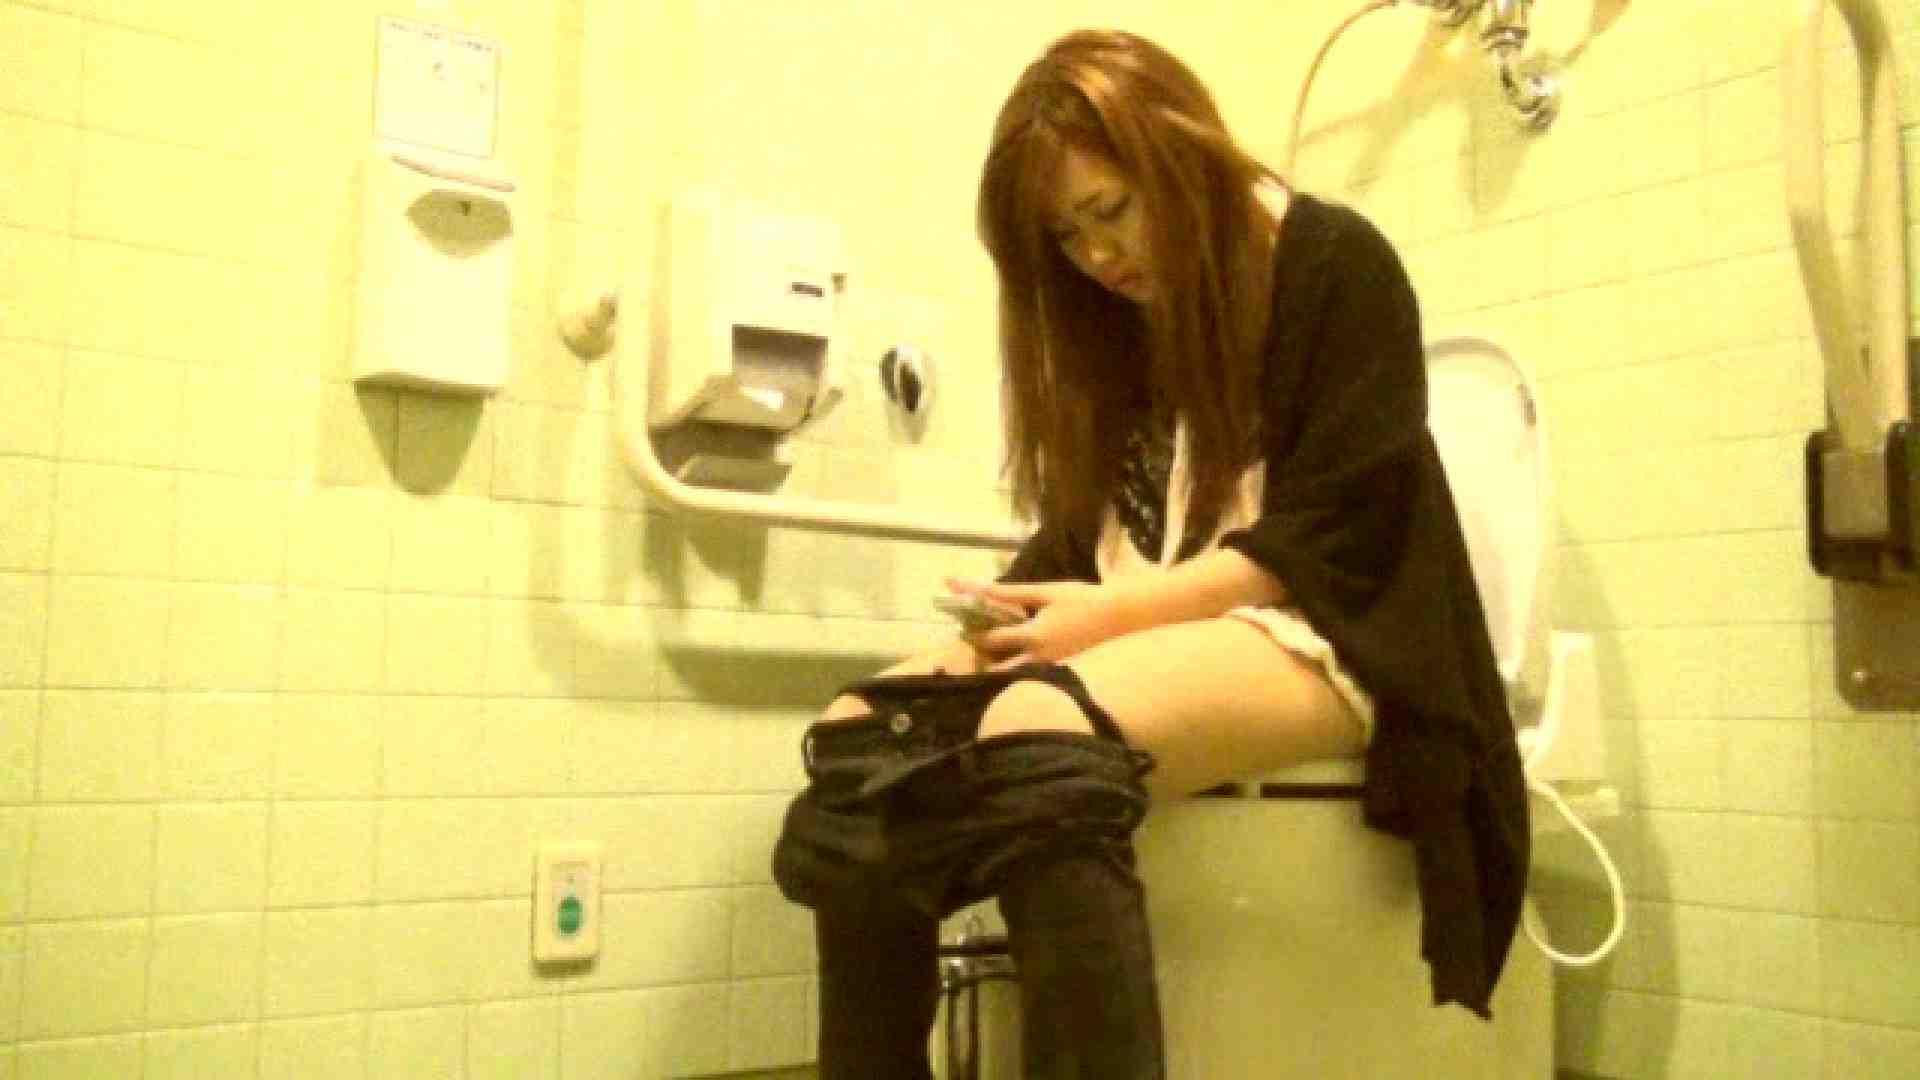 魔術師の お・も・て・な・し vol.26 19歳のバーの店員さんの洗面所をしばし… 洗面所  60枚 17